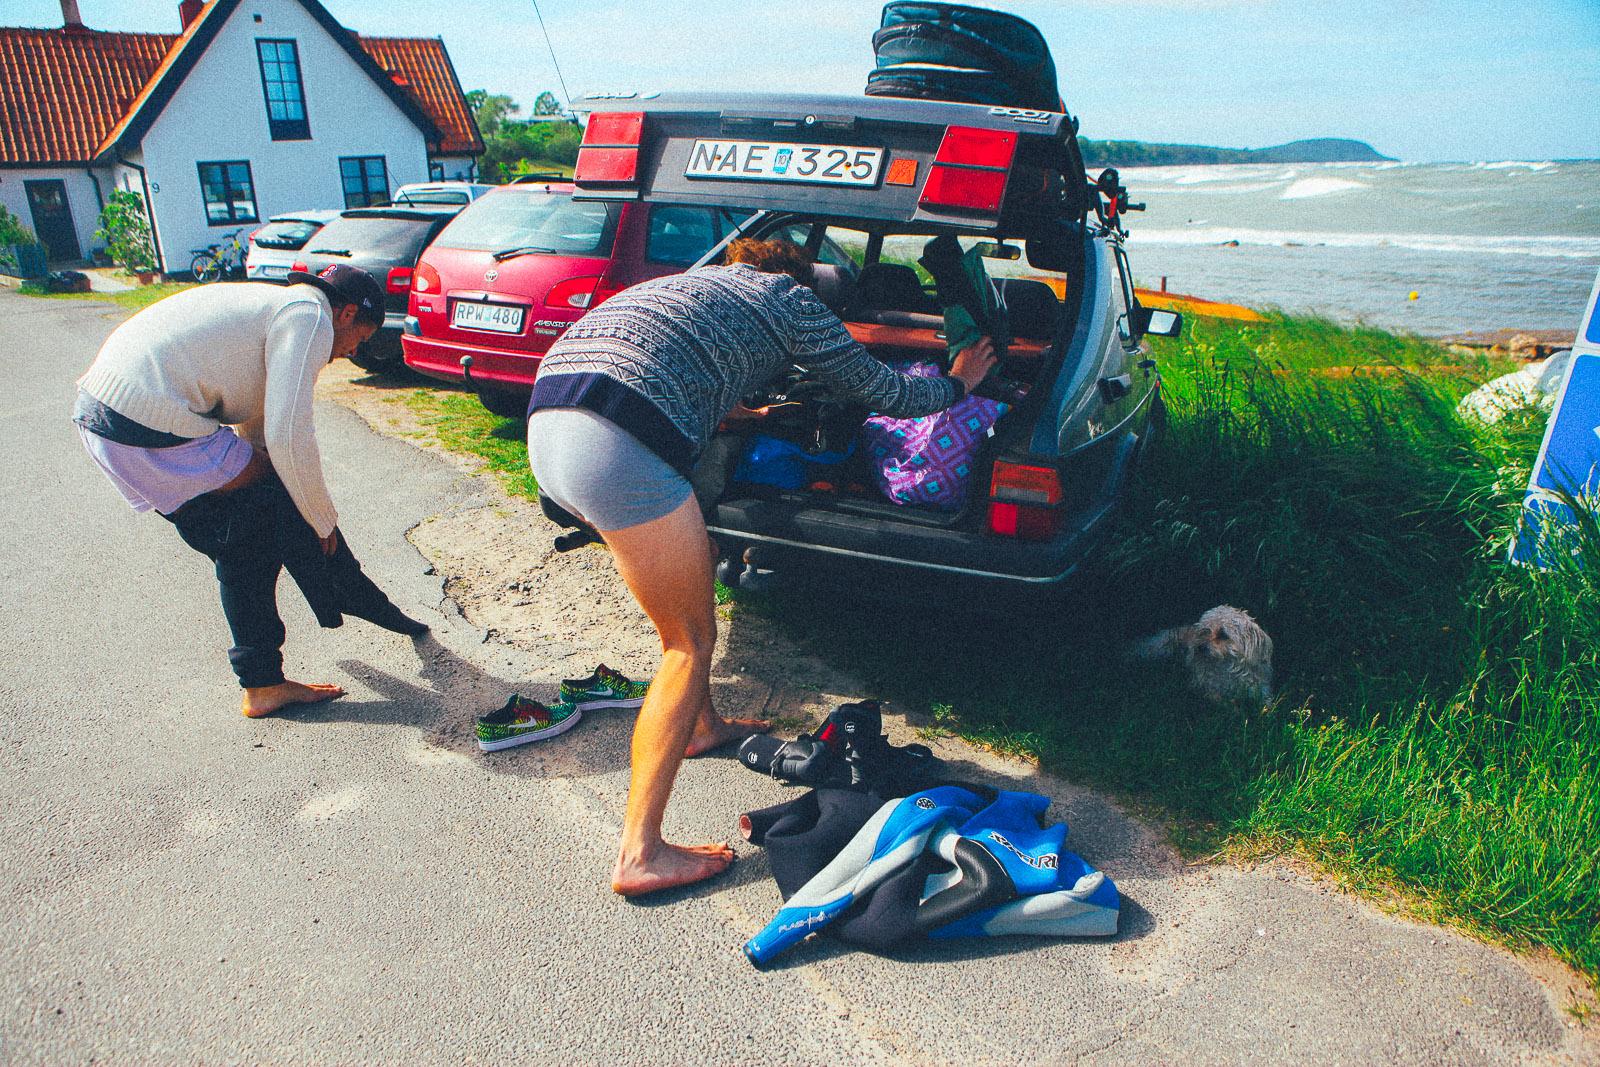 Sunshinestories-Surf-Vik-Österlen-Skåne-IMG_0117